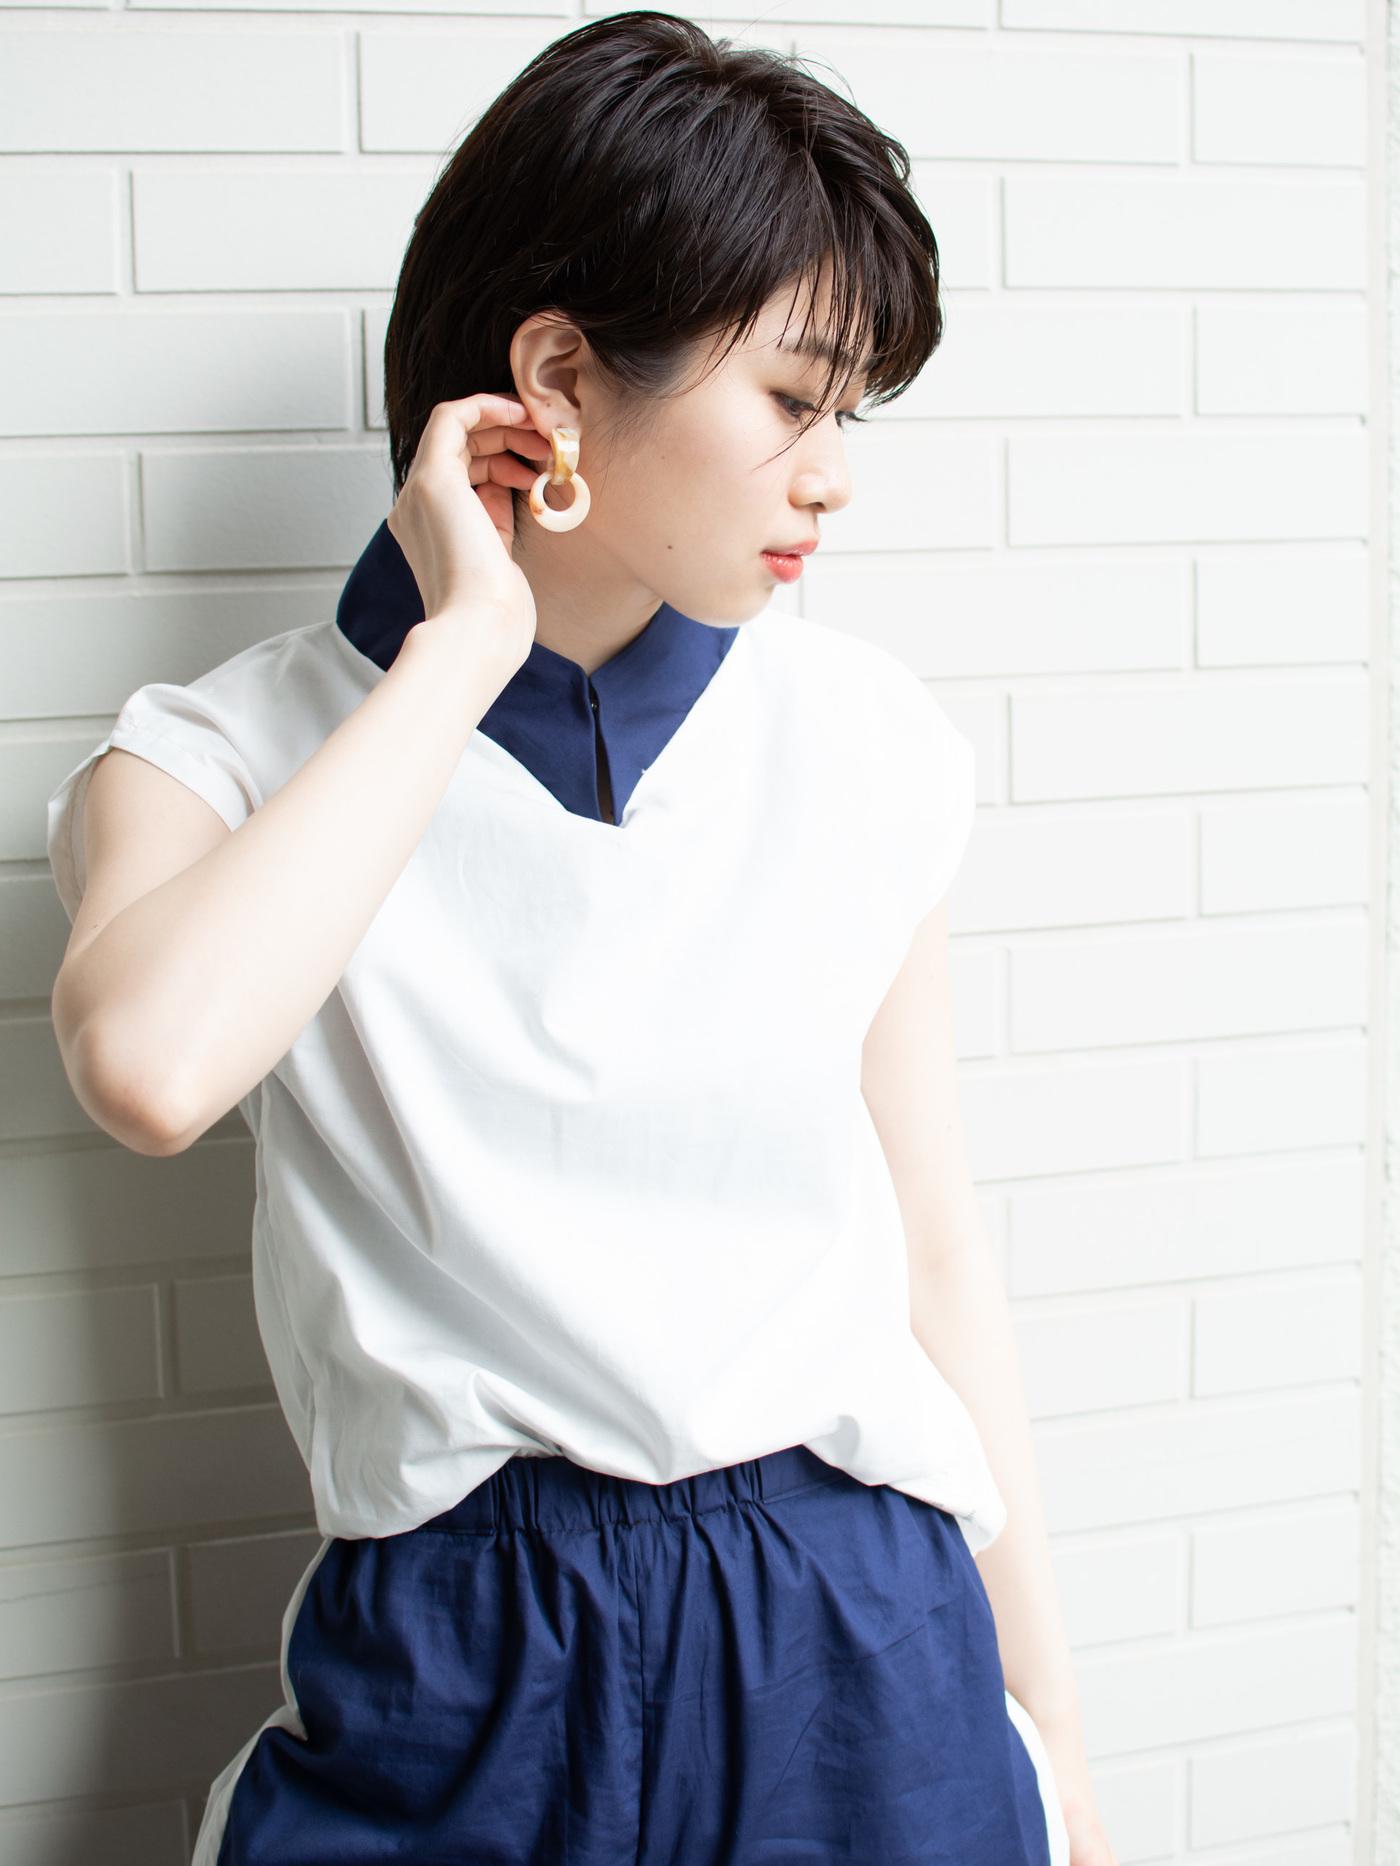 札幌 noine(ノイン) スタイリスト斉藤です。 ツヤと透け感のある「ブルーティールカラー」で、仕上げました。 夏に向けてオススメのショートボブスタイル。 N.ナチュラルバーム&N.シーオイル仕上げ。 今回も「ピアス」も、「セットアップの服」も僕が作りました。 「ピアス」サロンで販売しています。 #ナチュラル #オフィス noine#札幌#大通#スタイリスト斉藤#ピアス# #ボブヘア#洋服#ファッション#撮影#オフィス#パンツ#カワイイ#セットアップ#ベージュ#ボブ#トップス#N.ナチュラルバーム#N.シーオイル #外国人風#ファッション #外ハネ#切りっぱなし #ブルーティール#チタニュウムカラー#大人女子 #HUEカラー #ハンドメイド #ターバン #カジュアル #ストリート #ショートボブ #アッシュ #流し前髪 #丸顔 #ノースリーブ